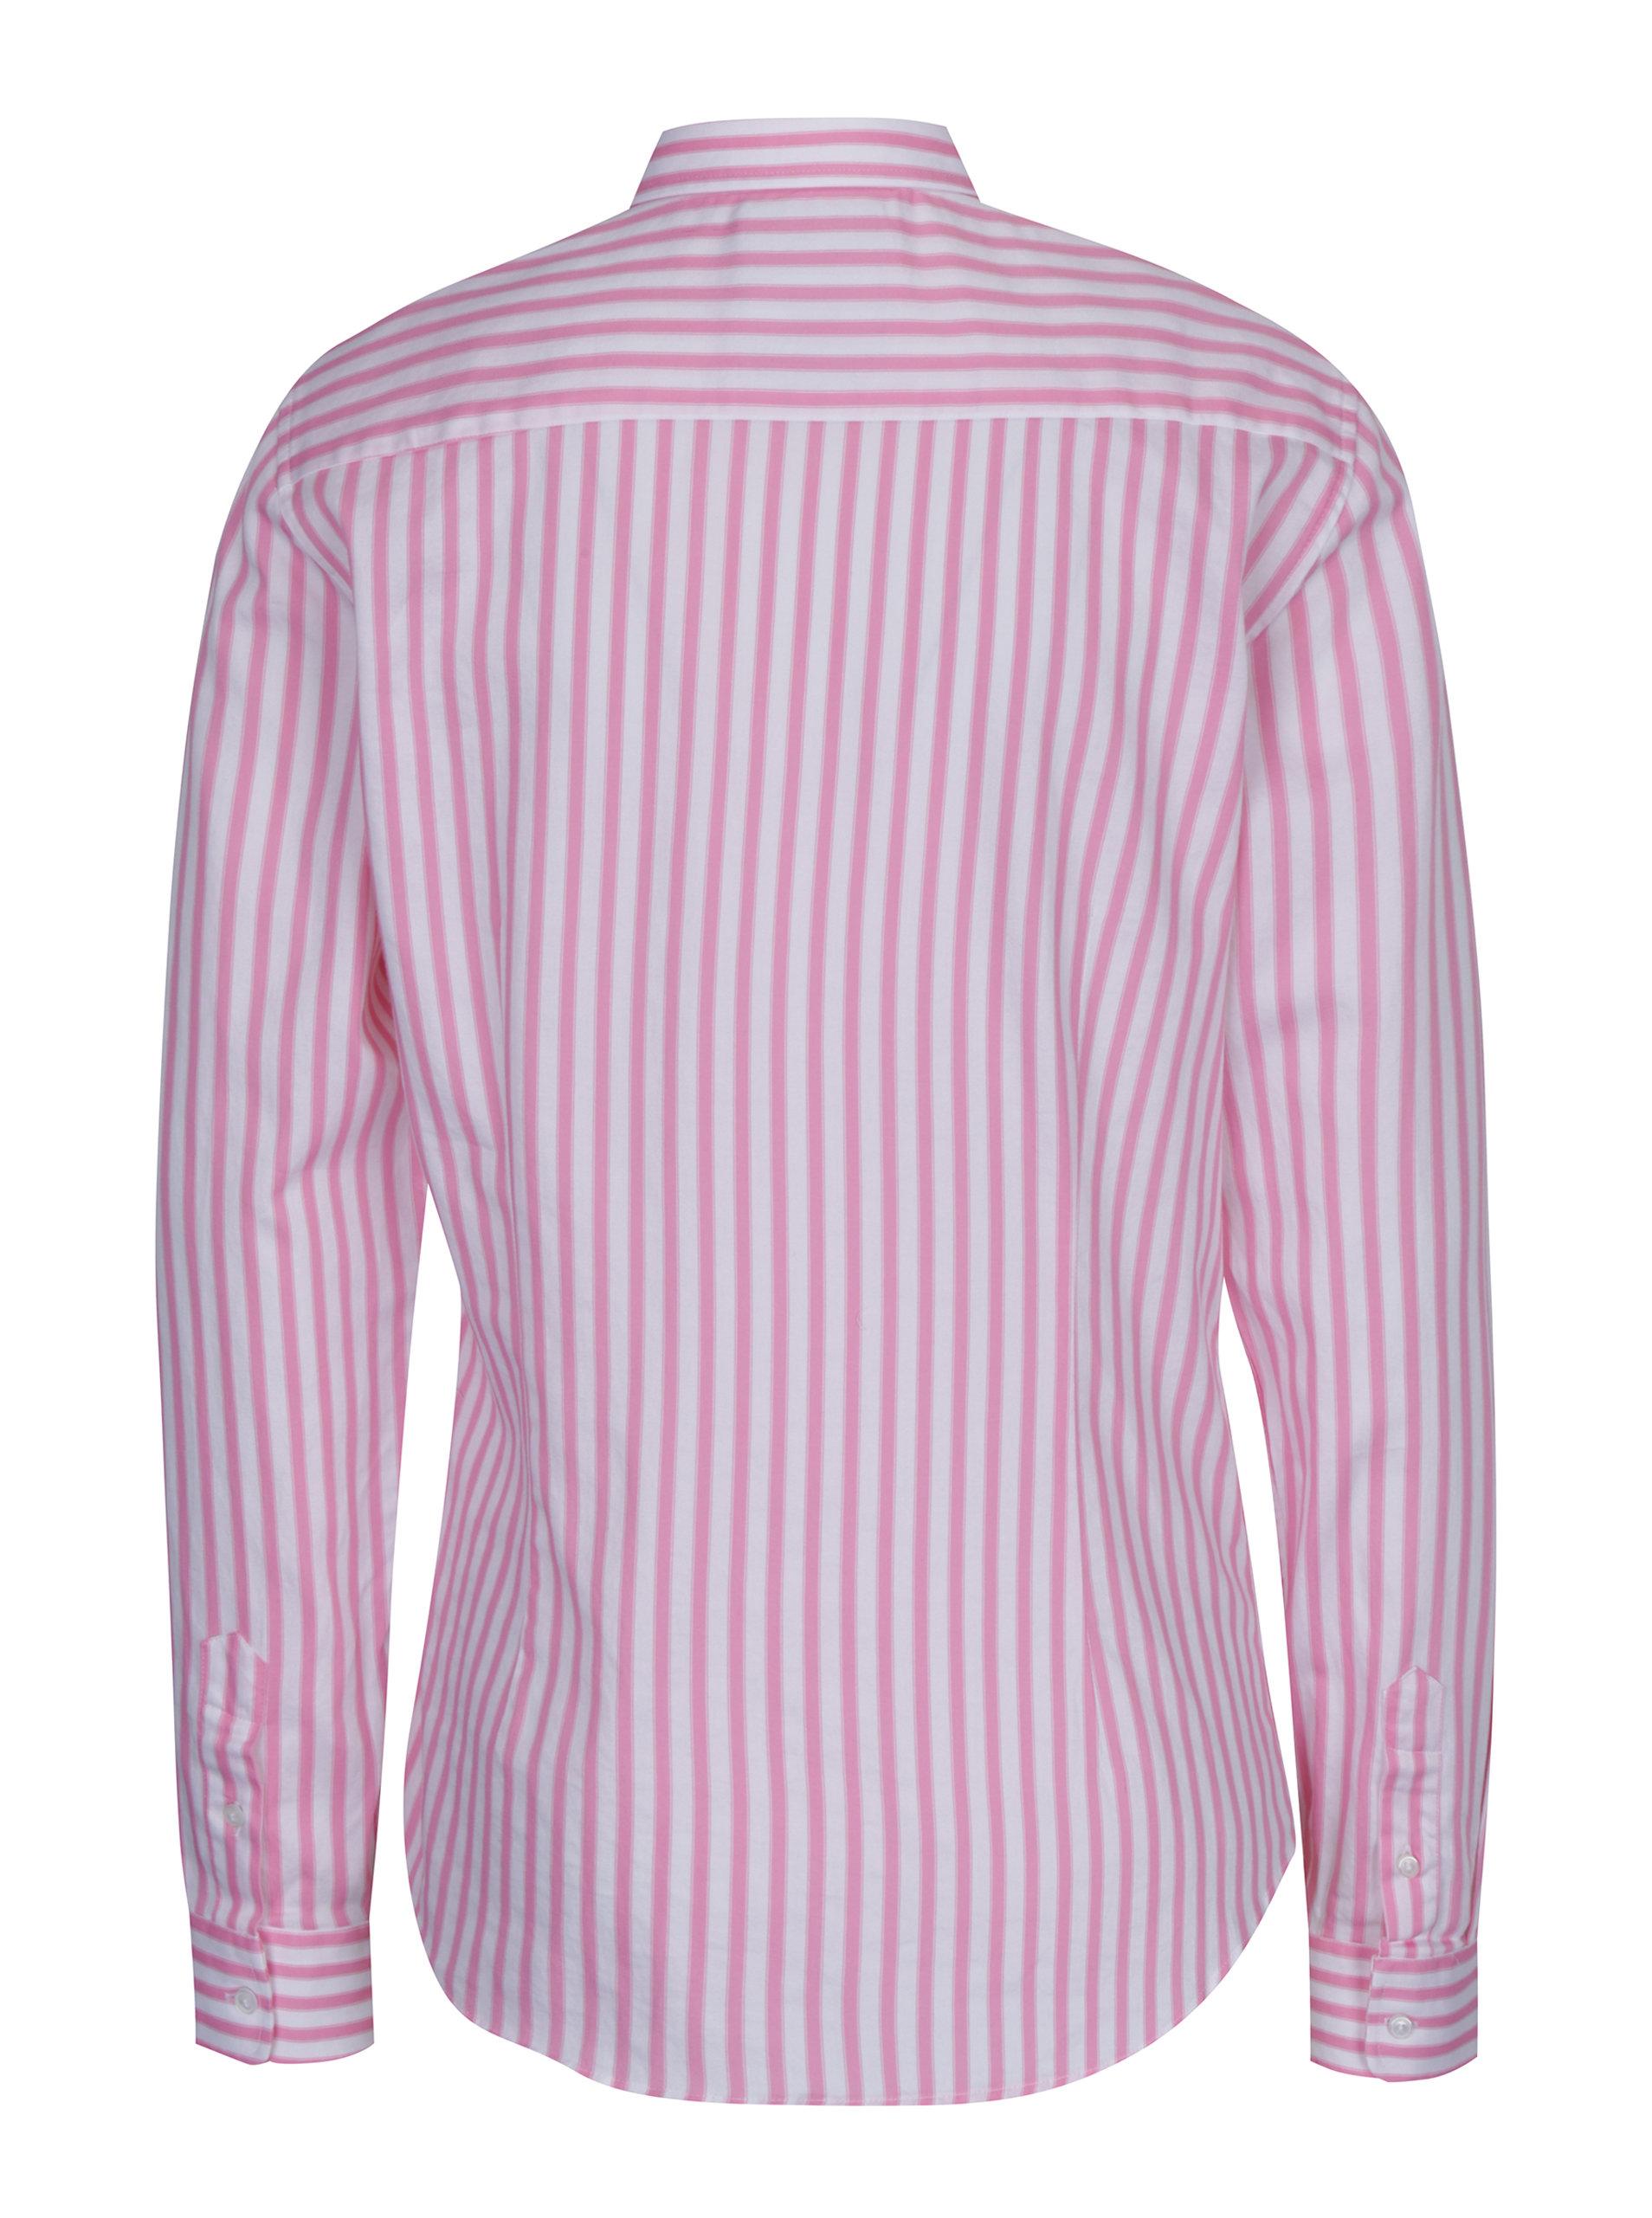 92741367a16c Bielo-ružová dámska pruhovaná košeľa Jimmy Sanders ...